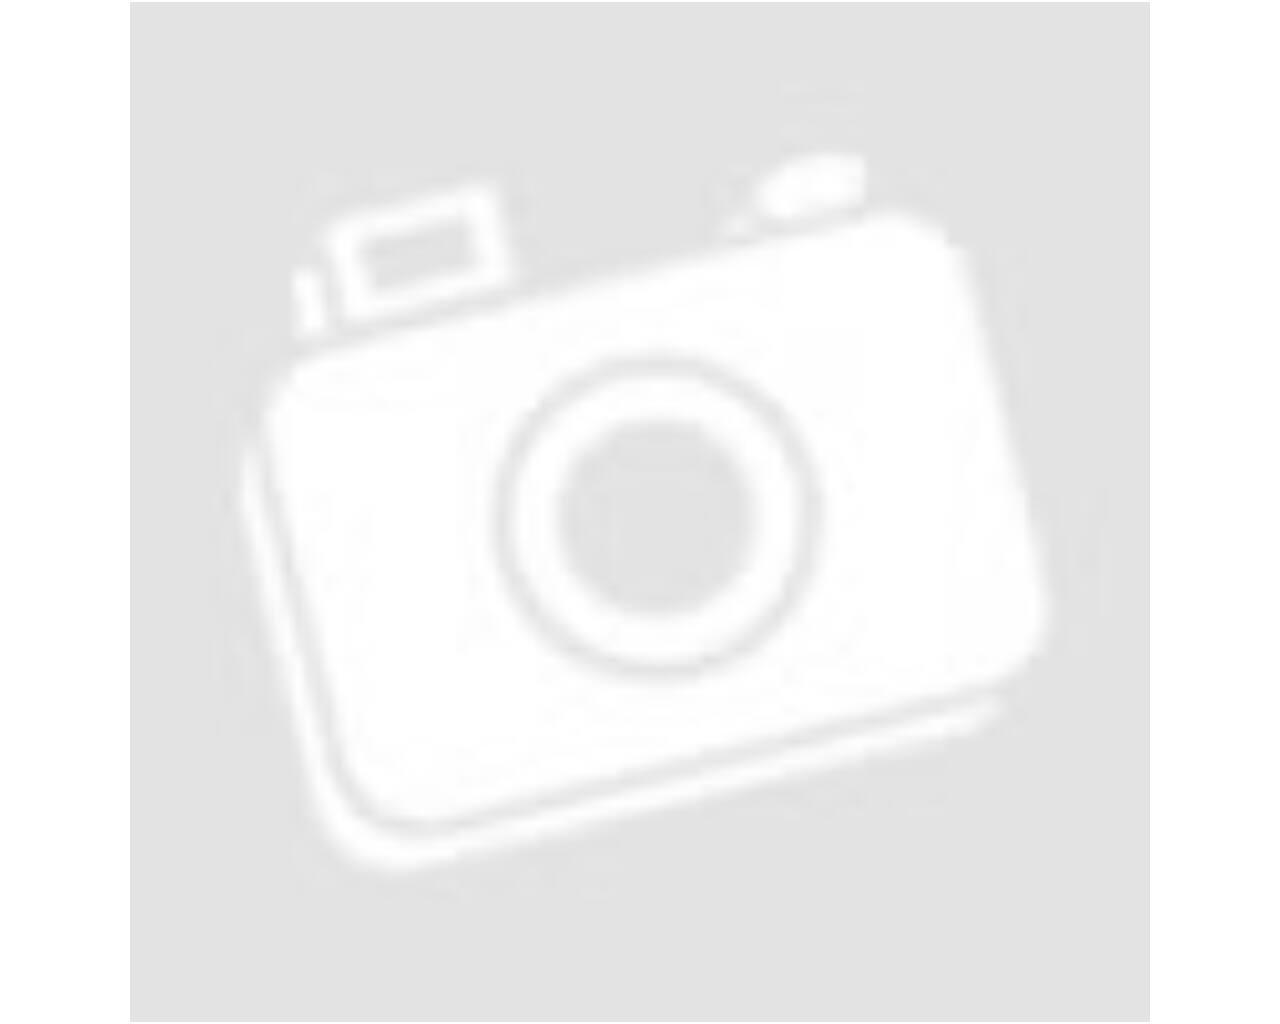 Albatros Mikrohullámú sütő, 20 l, 700 W, 6 teljesítményszint, mechanikus vezérlés, időzítő, fekete